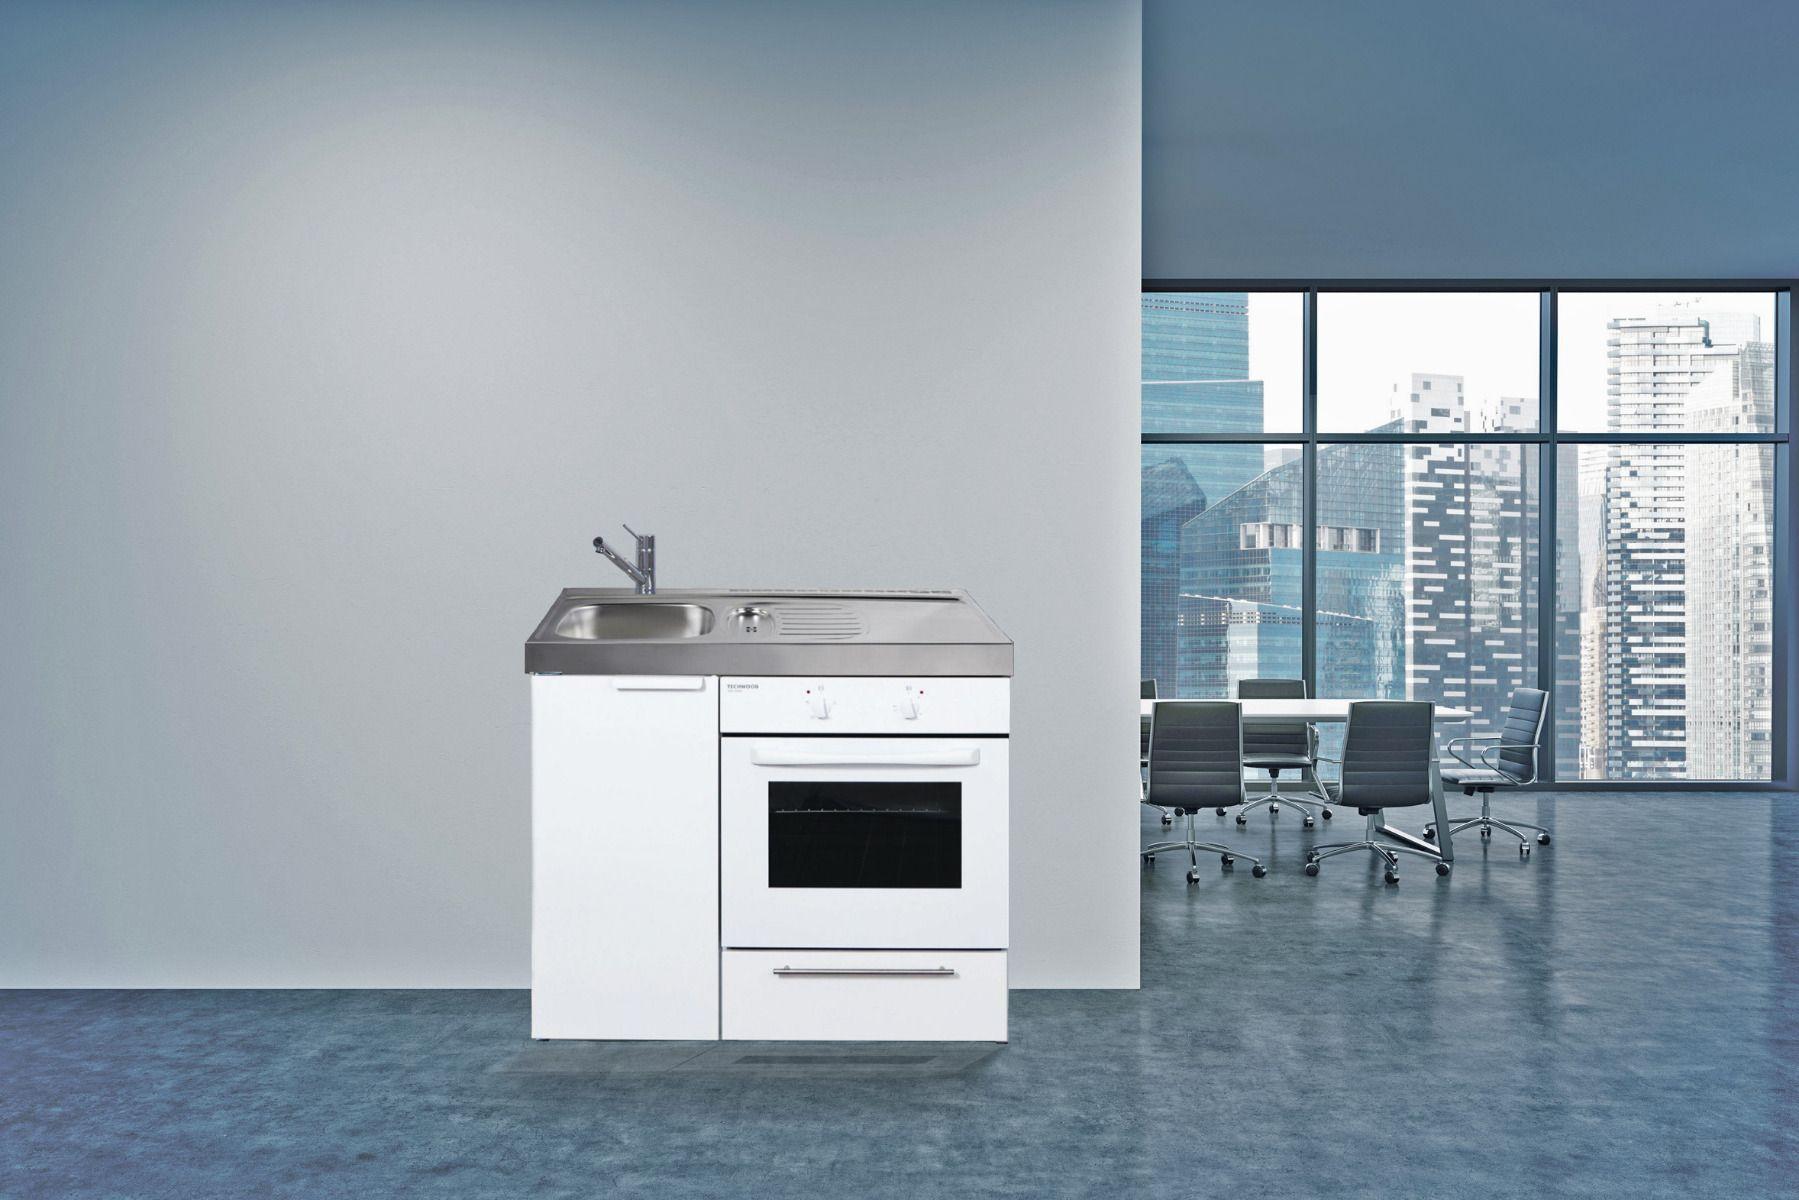 Miniküche 120 Cm Breit Mit Kühlschrank : Mini küche 120 cm singleküche mit e geröten schön neu singleküche